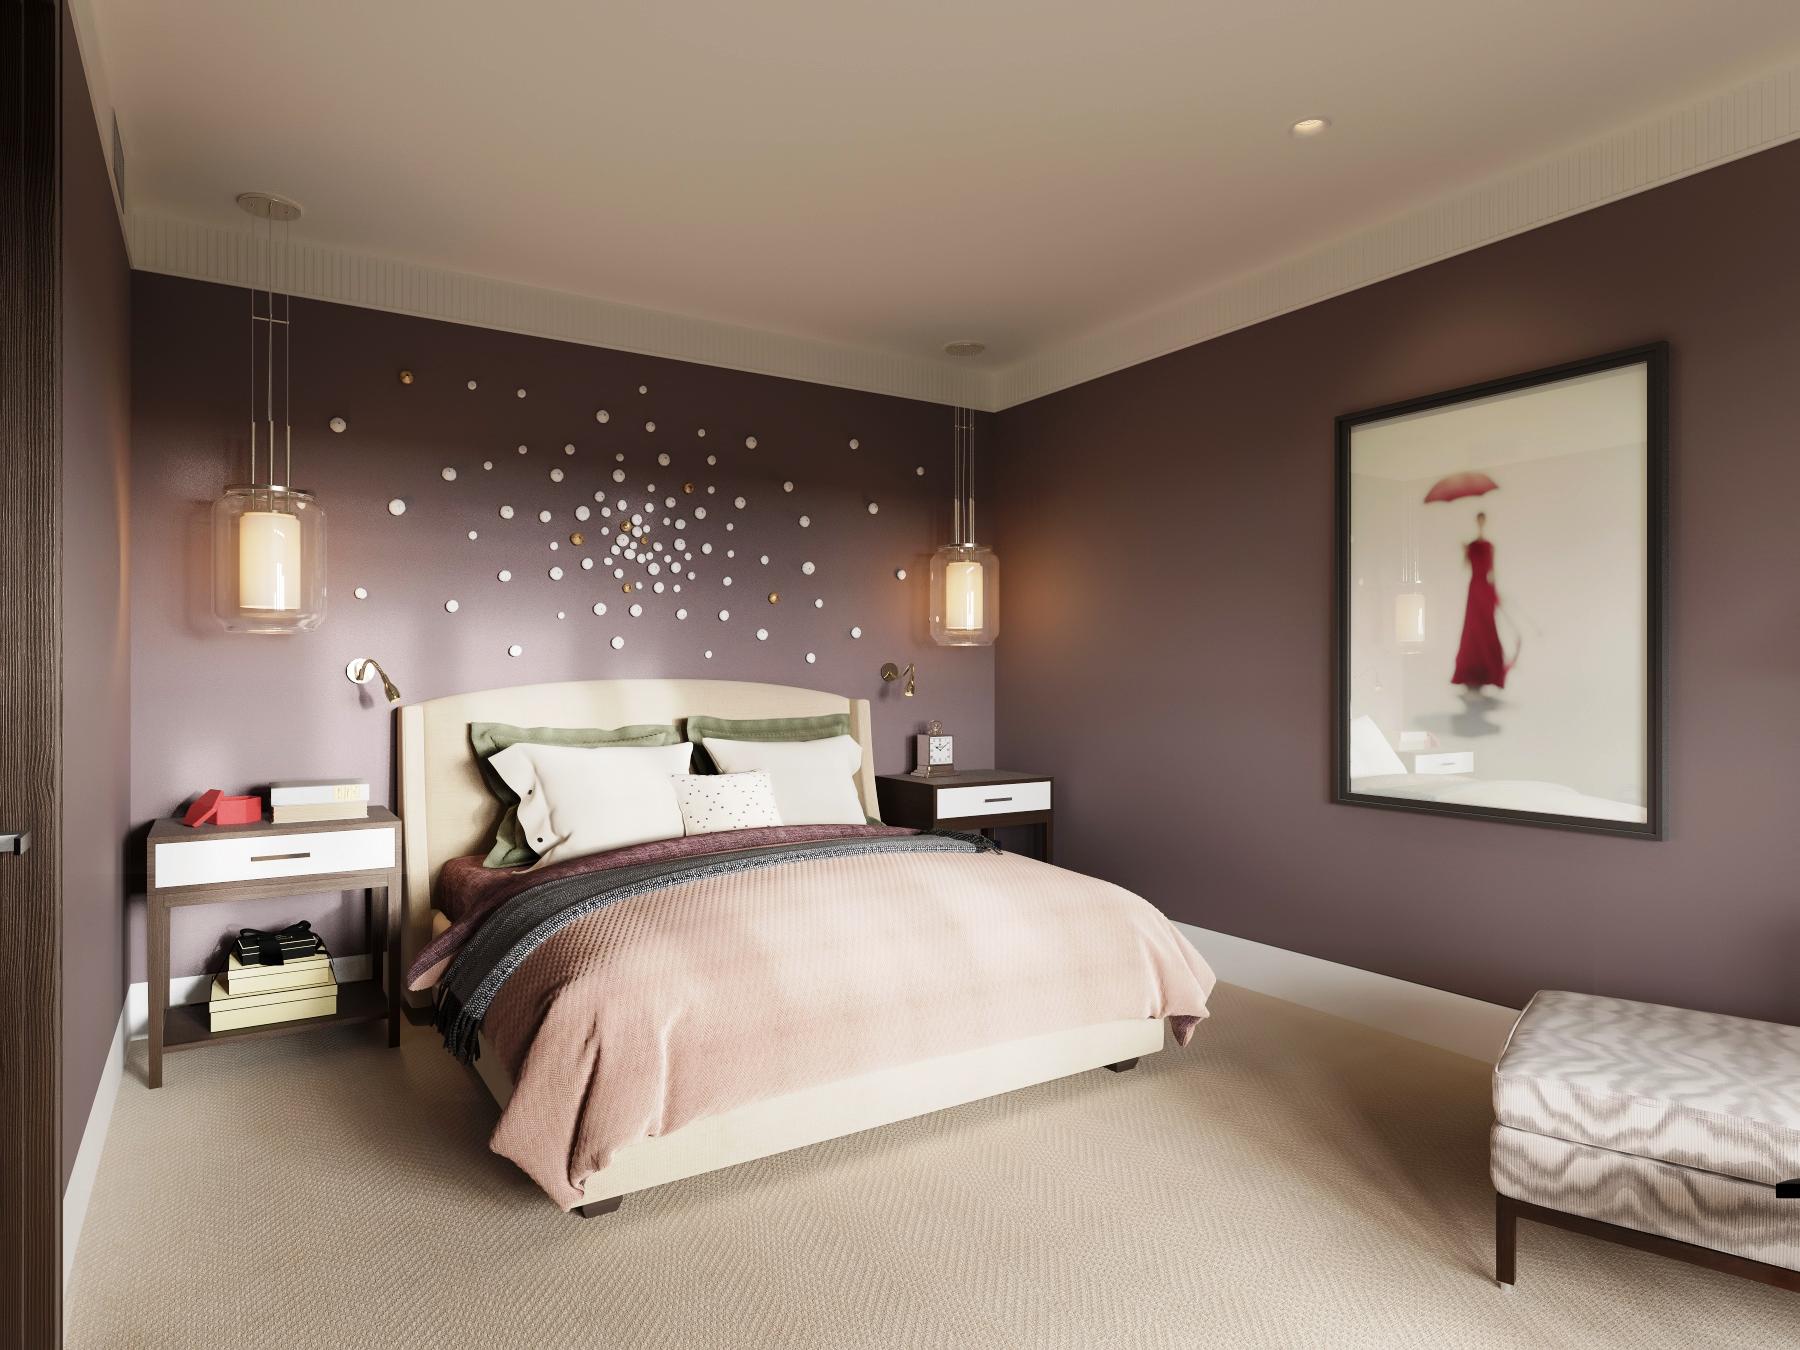 Предметы, которые сделают спальню уютнее